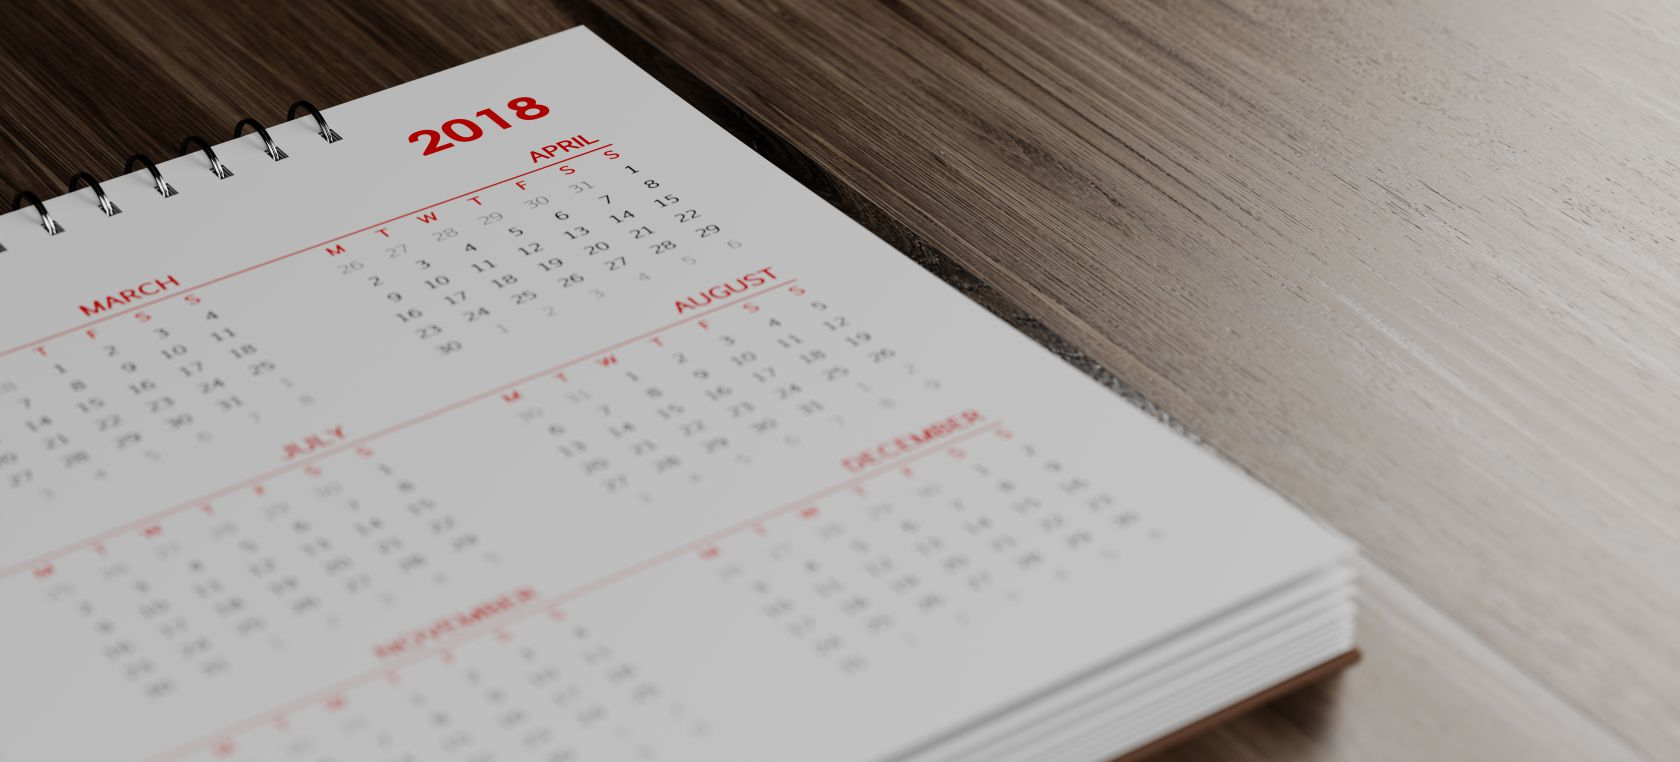 Calendario 2018: Los días festivos y puentes de 2018 | Actualidad ...